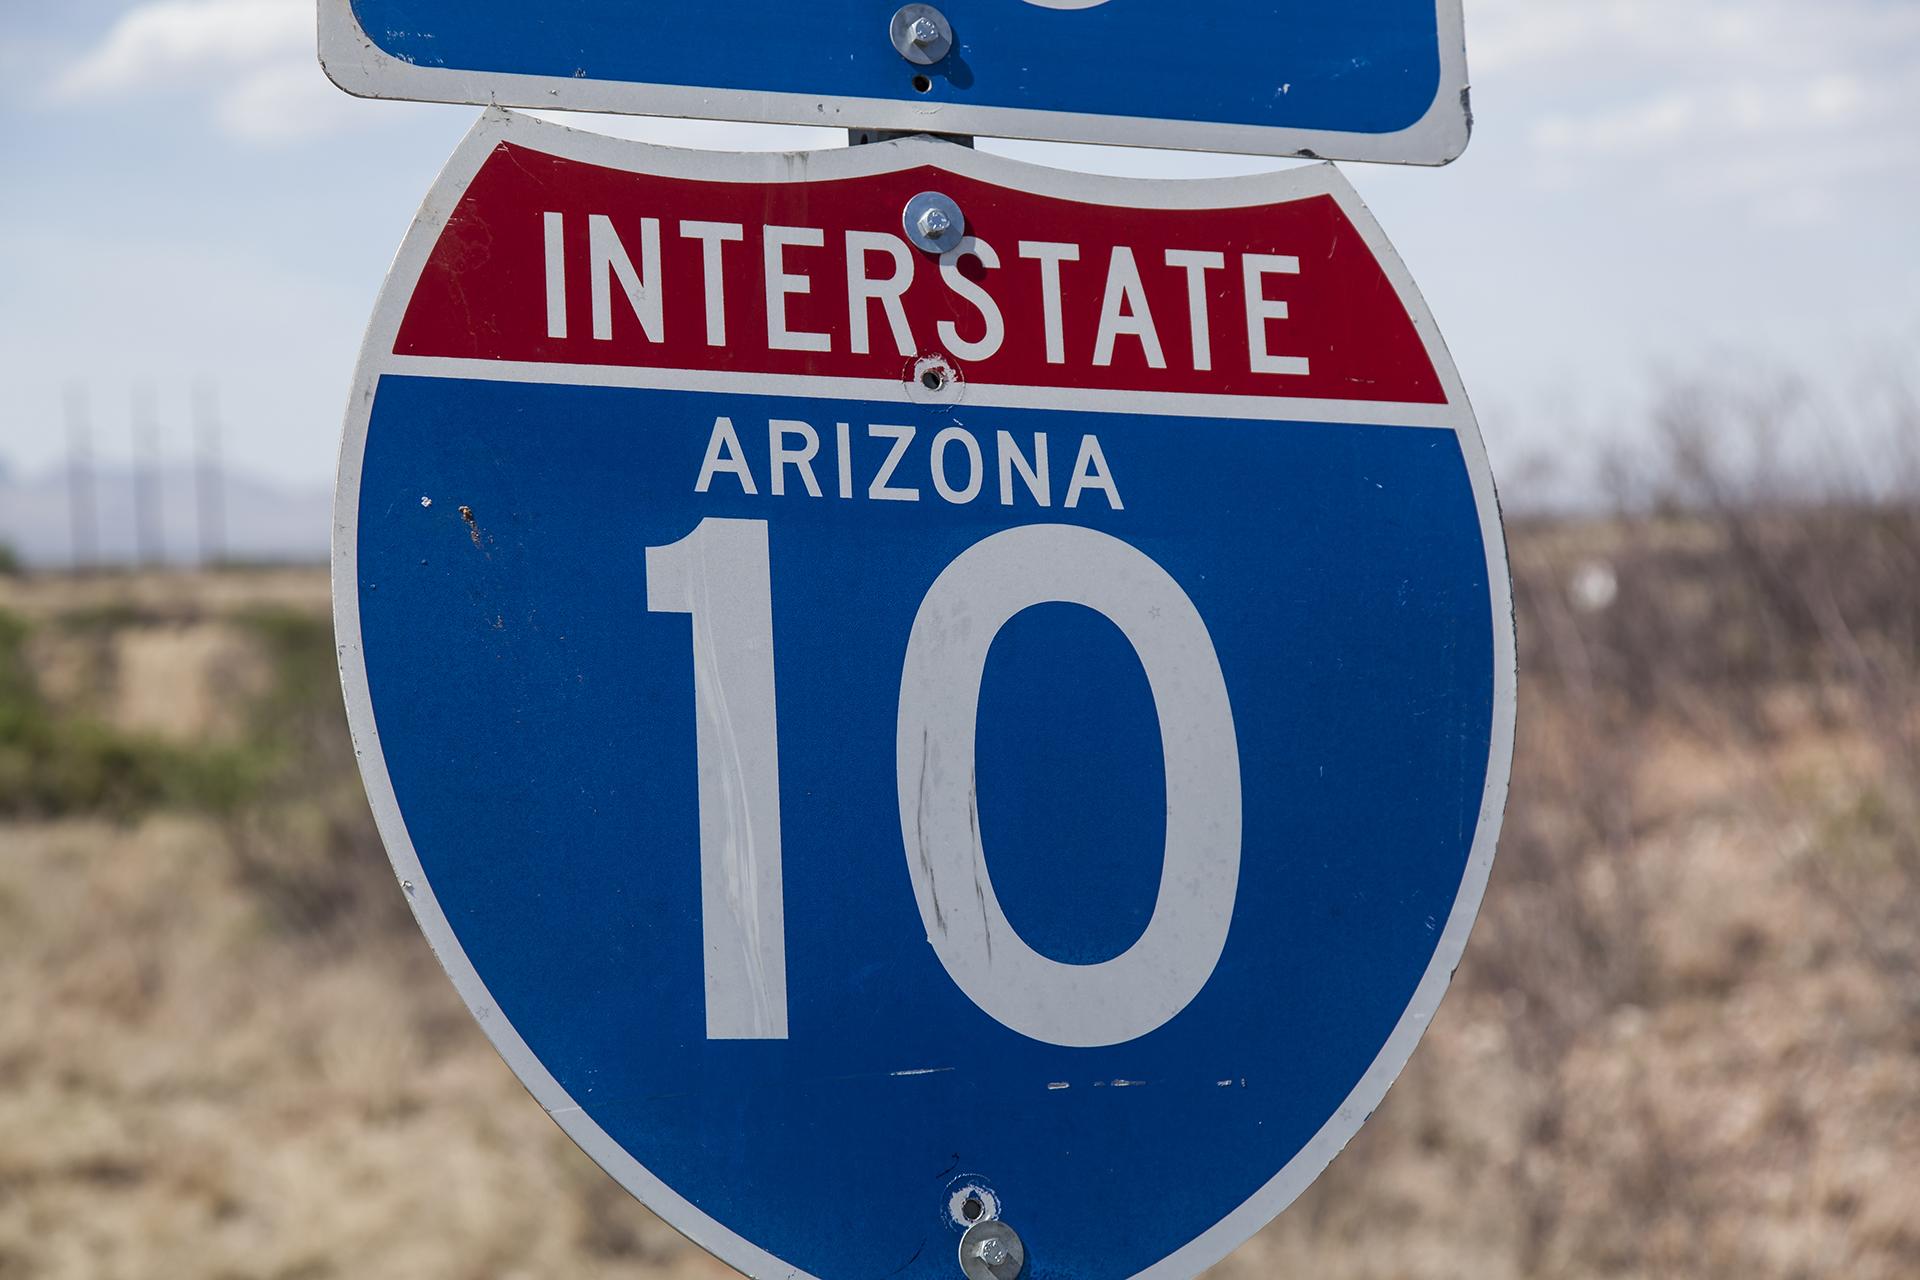 I-10 sign spot